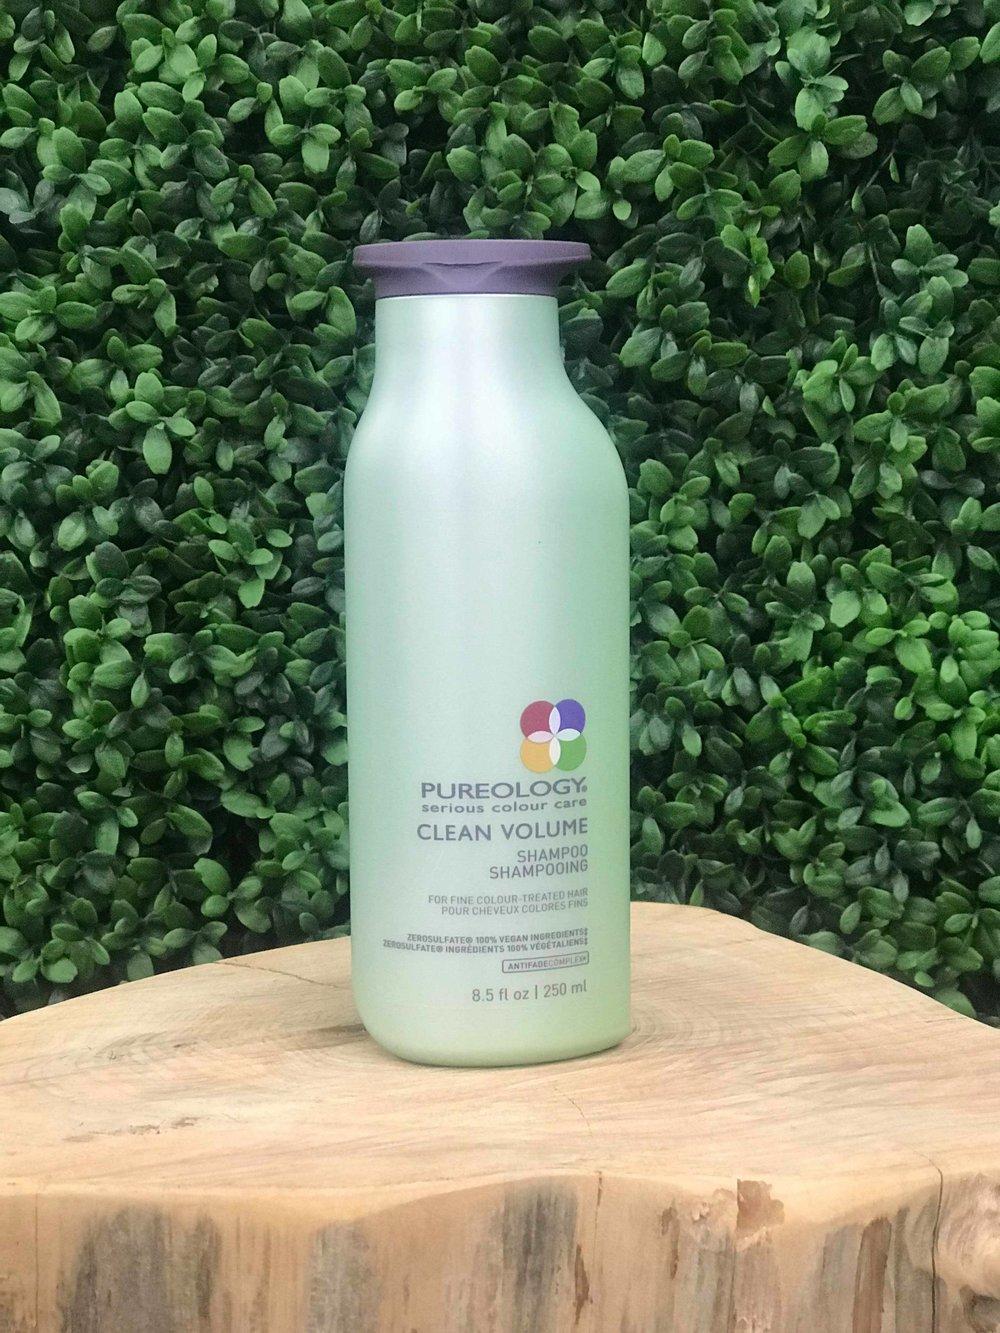 Clean Volume Shampoo 250ml - $41.00